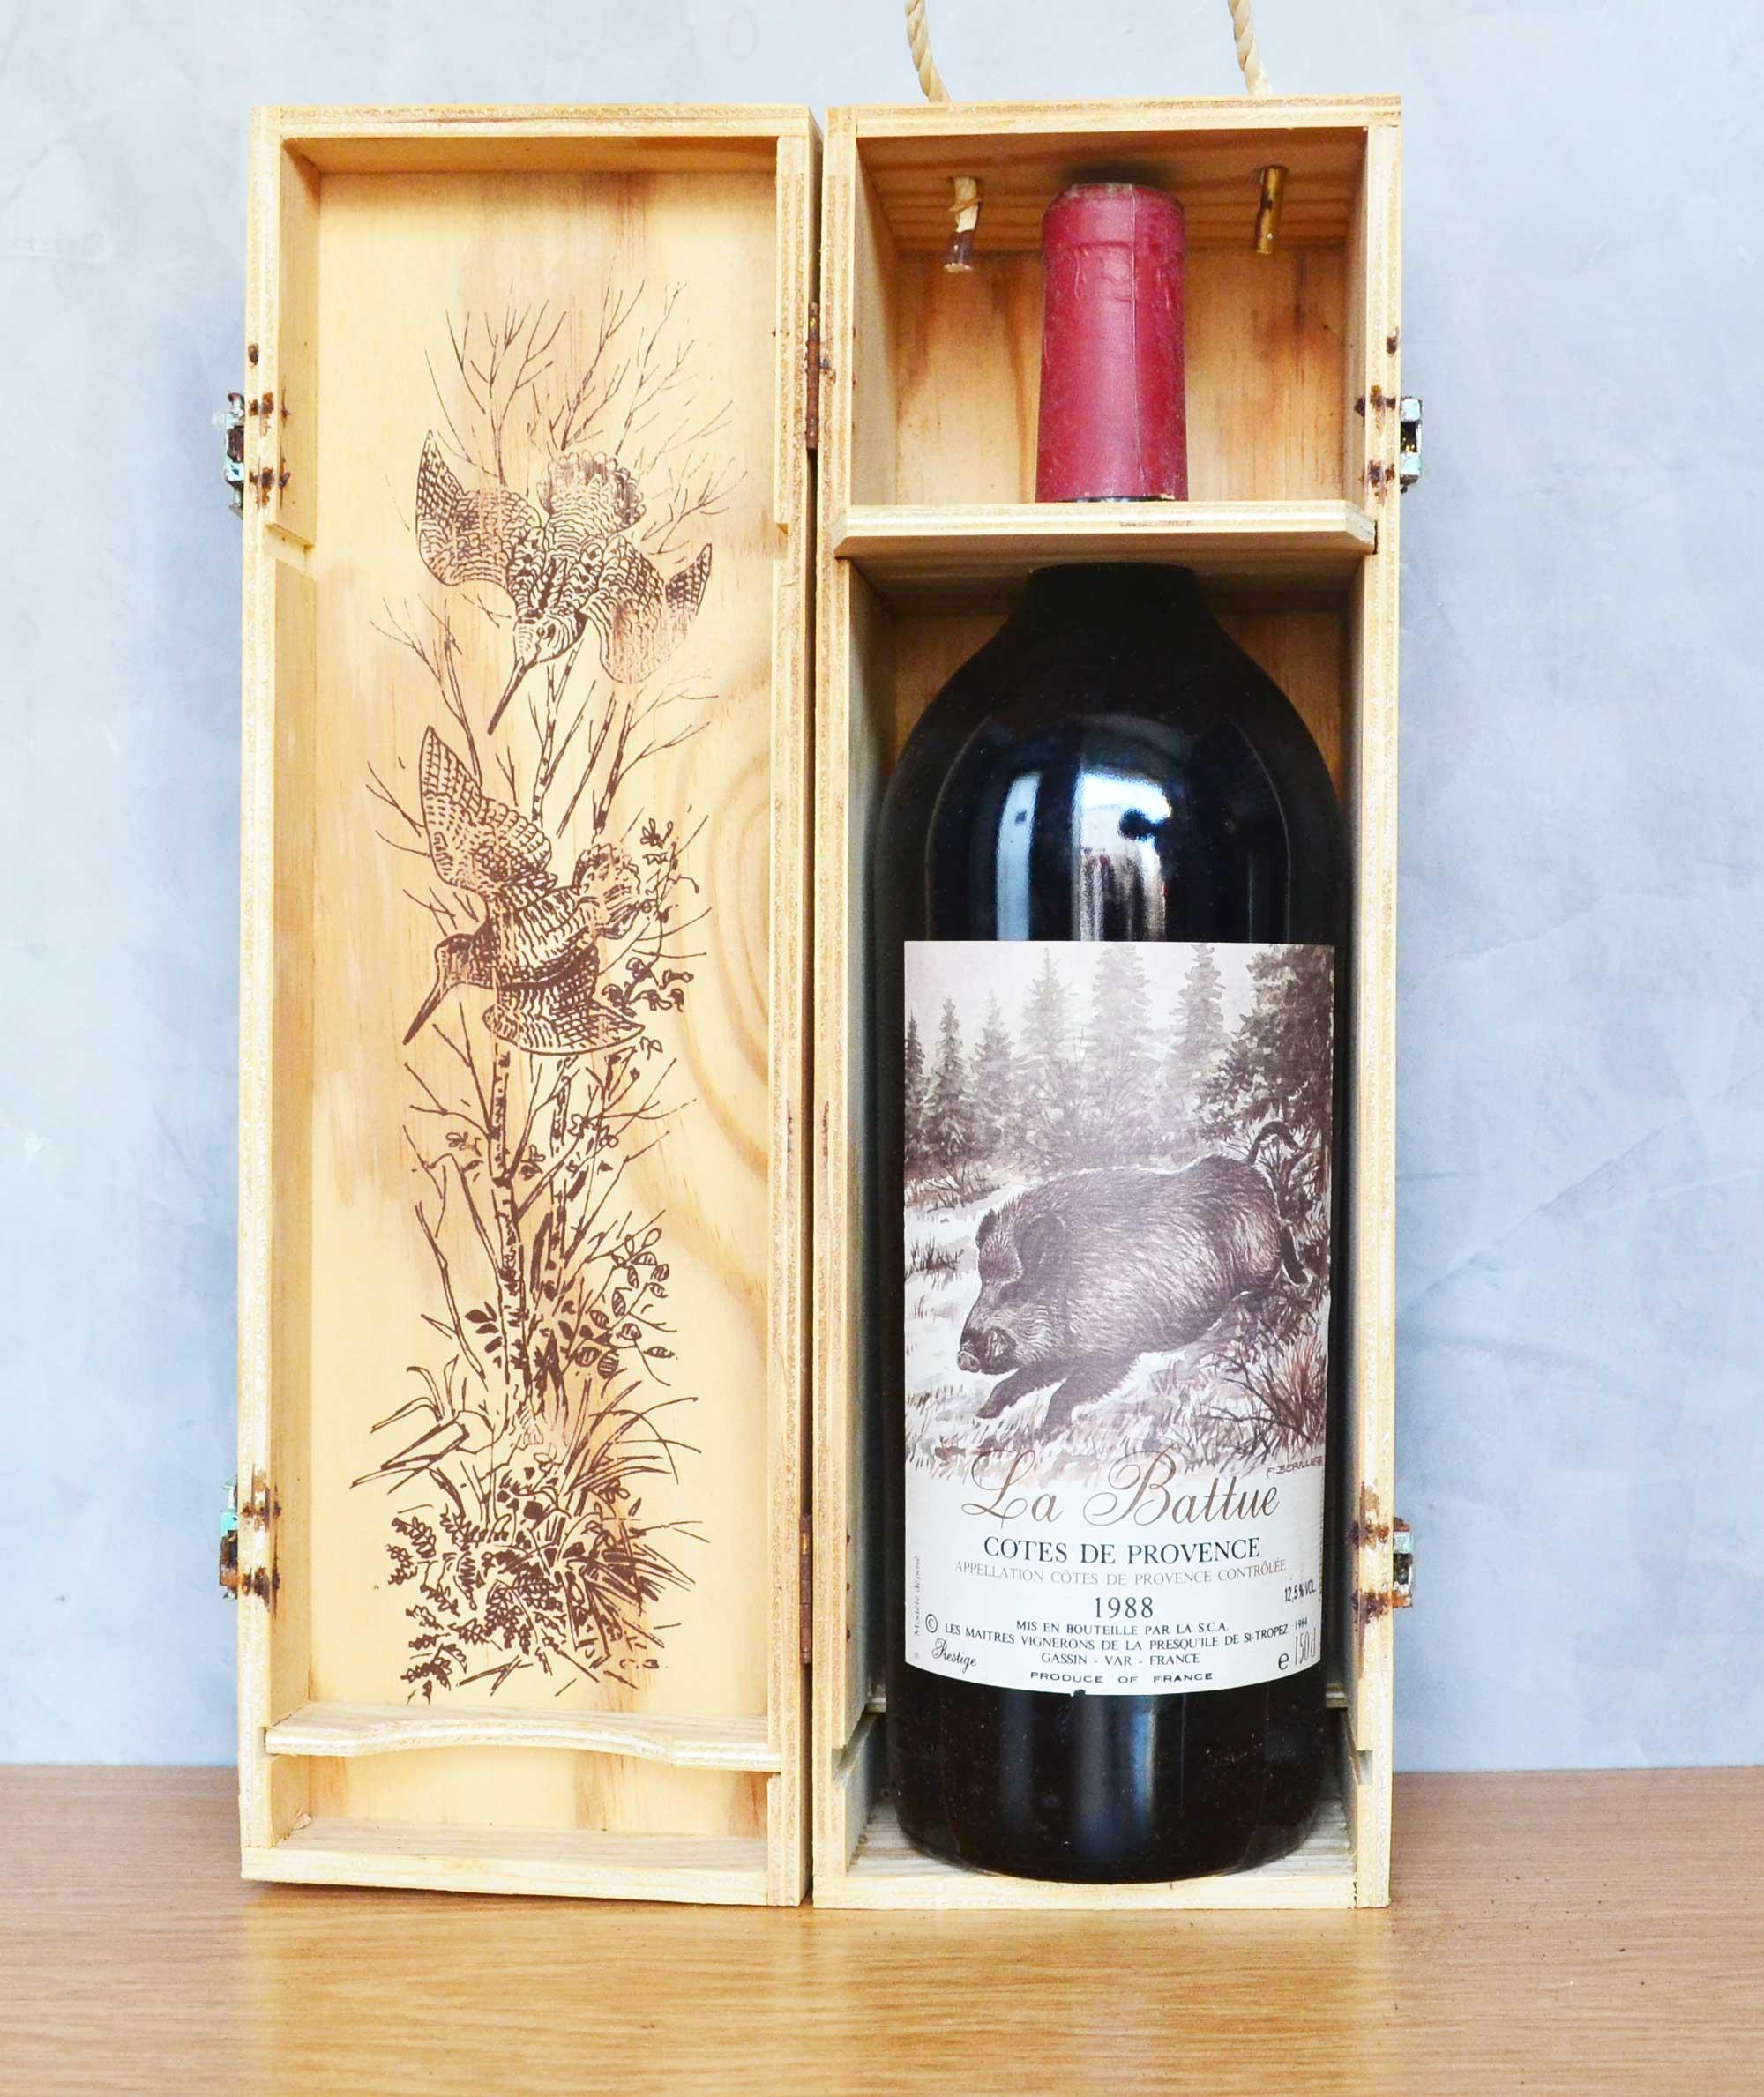 La Battue Côtes du Provence magnum 1988